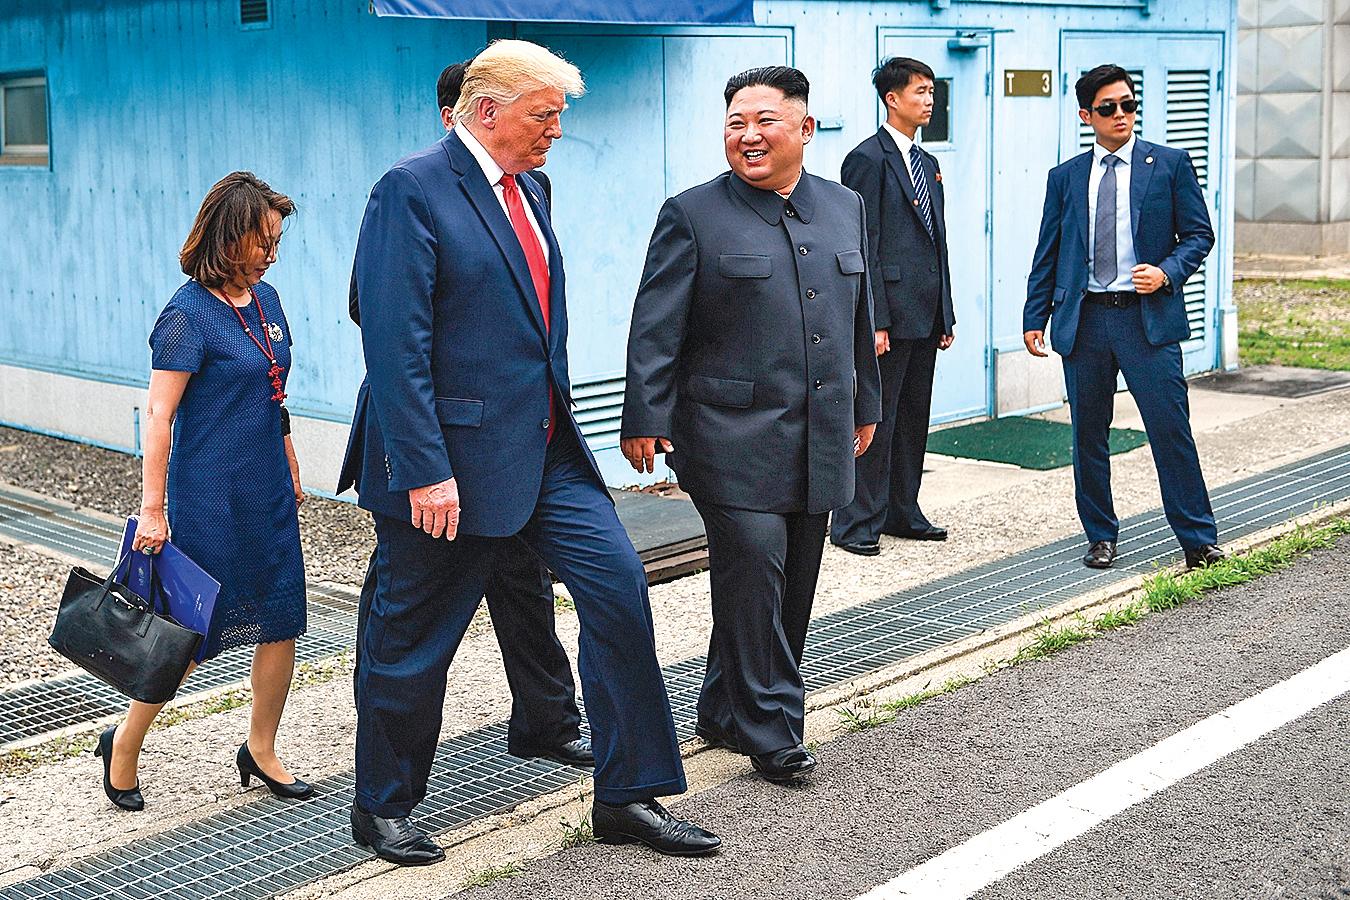 6月30日,特朗普在南北韓邊境與金正恩會面。(BRENDAN SMIALOWSKI/AFP/Getty Images)